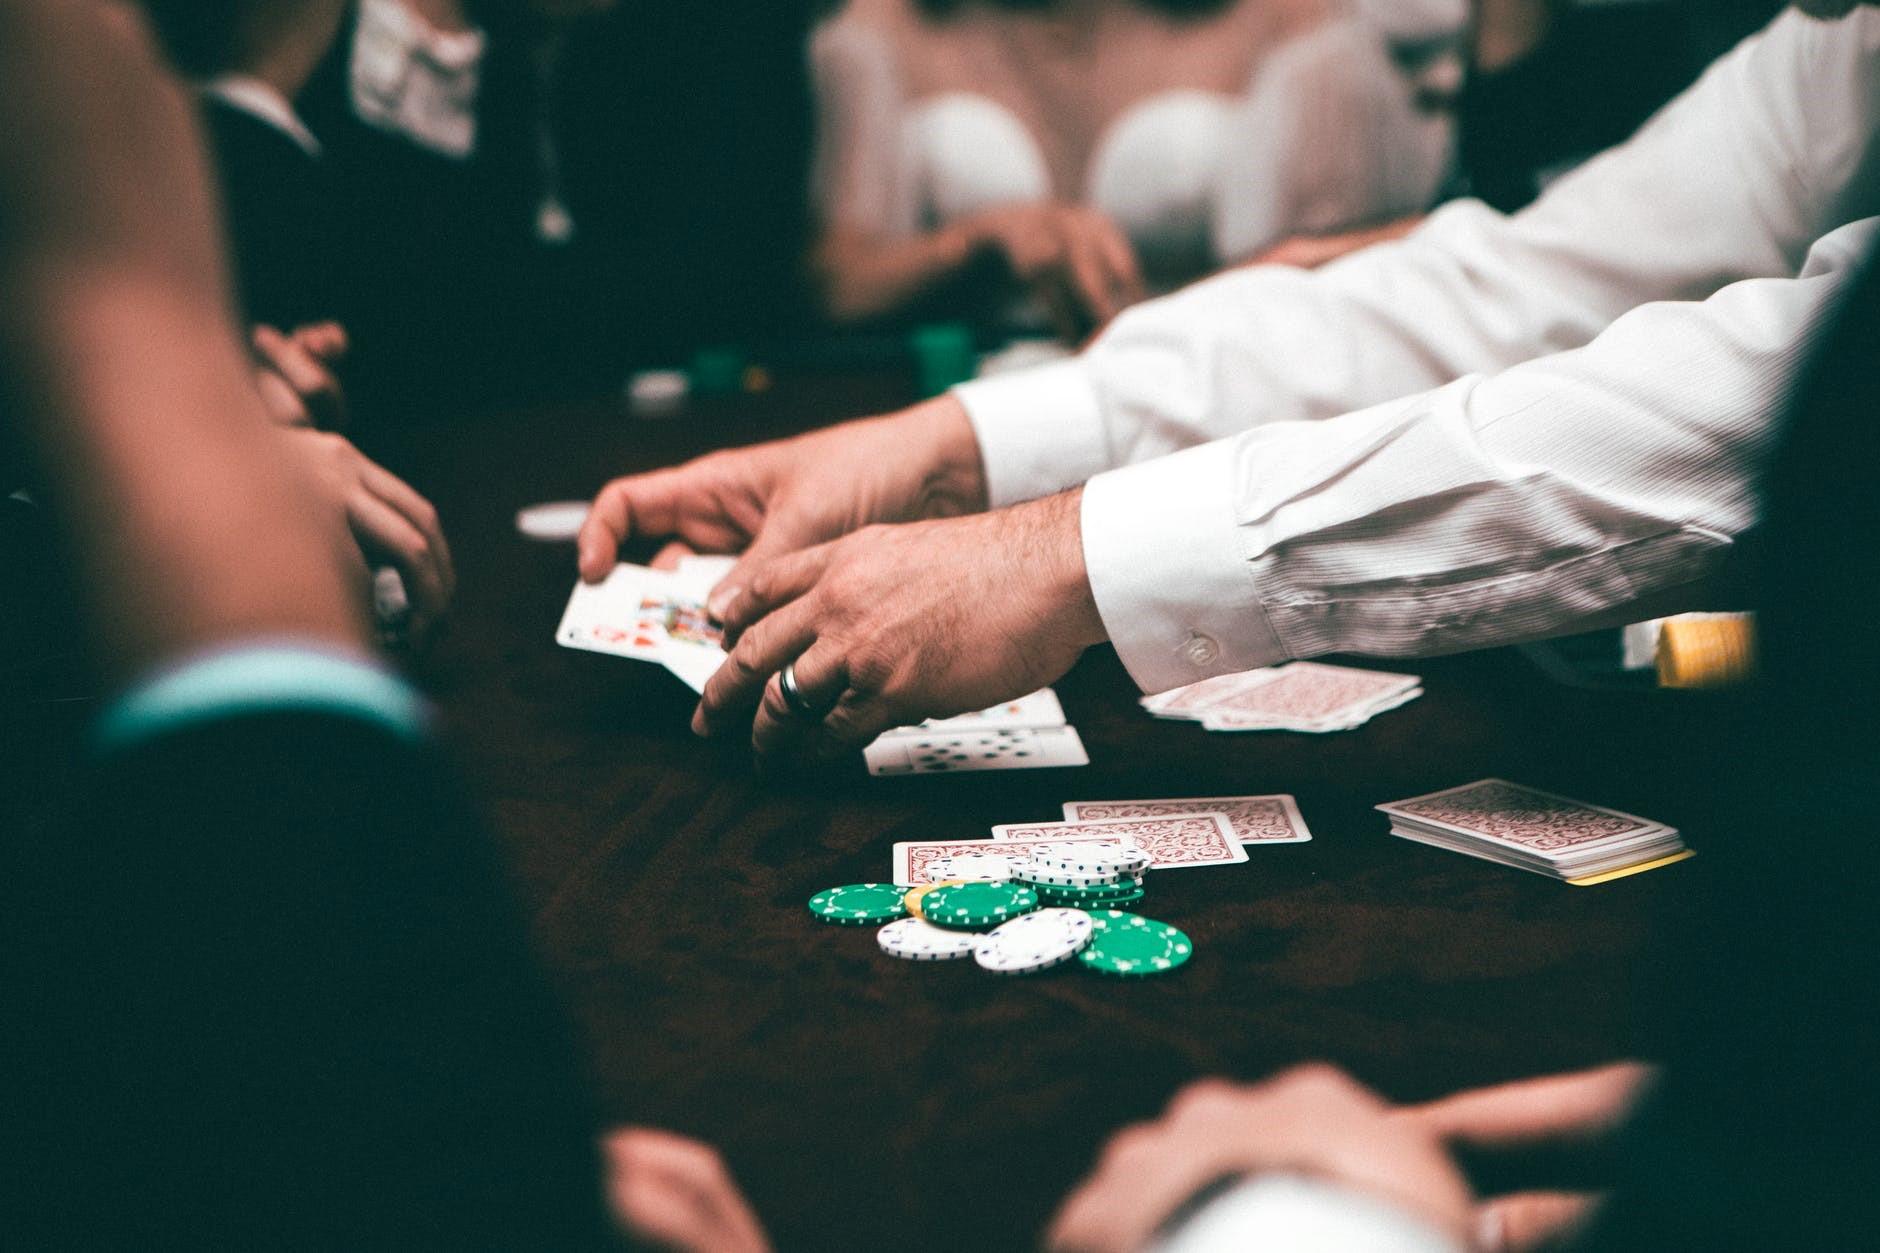 เกมคาสิโนออนไลน์ SA Gaming มือถือ เล่นสนุก ตลอด 24 ชั่วโมง